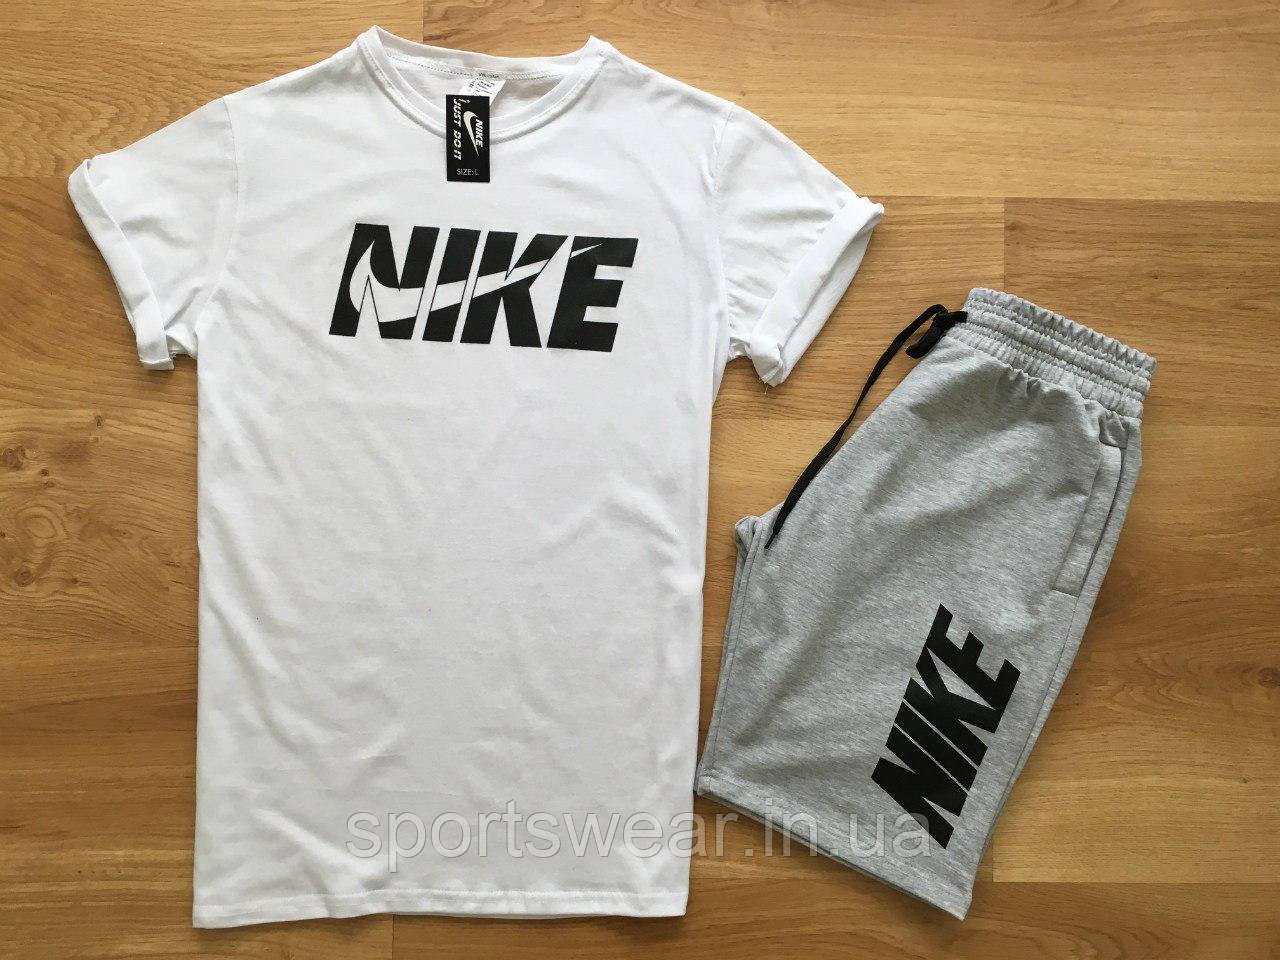 """Чоловічий комплект футболка + шорти Nike білого і сірого кольору """""""" В стилі Nike """""""""""